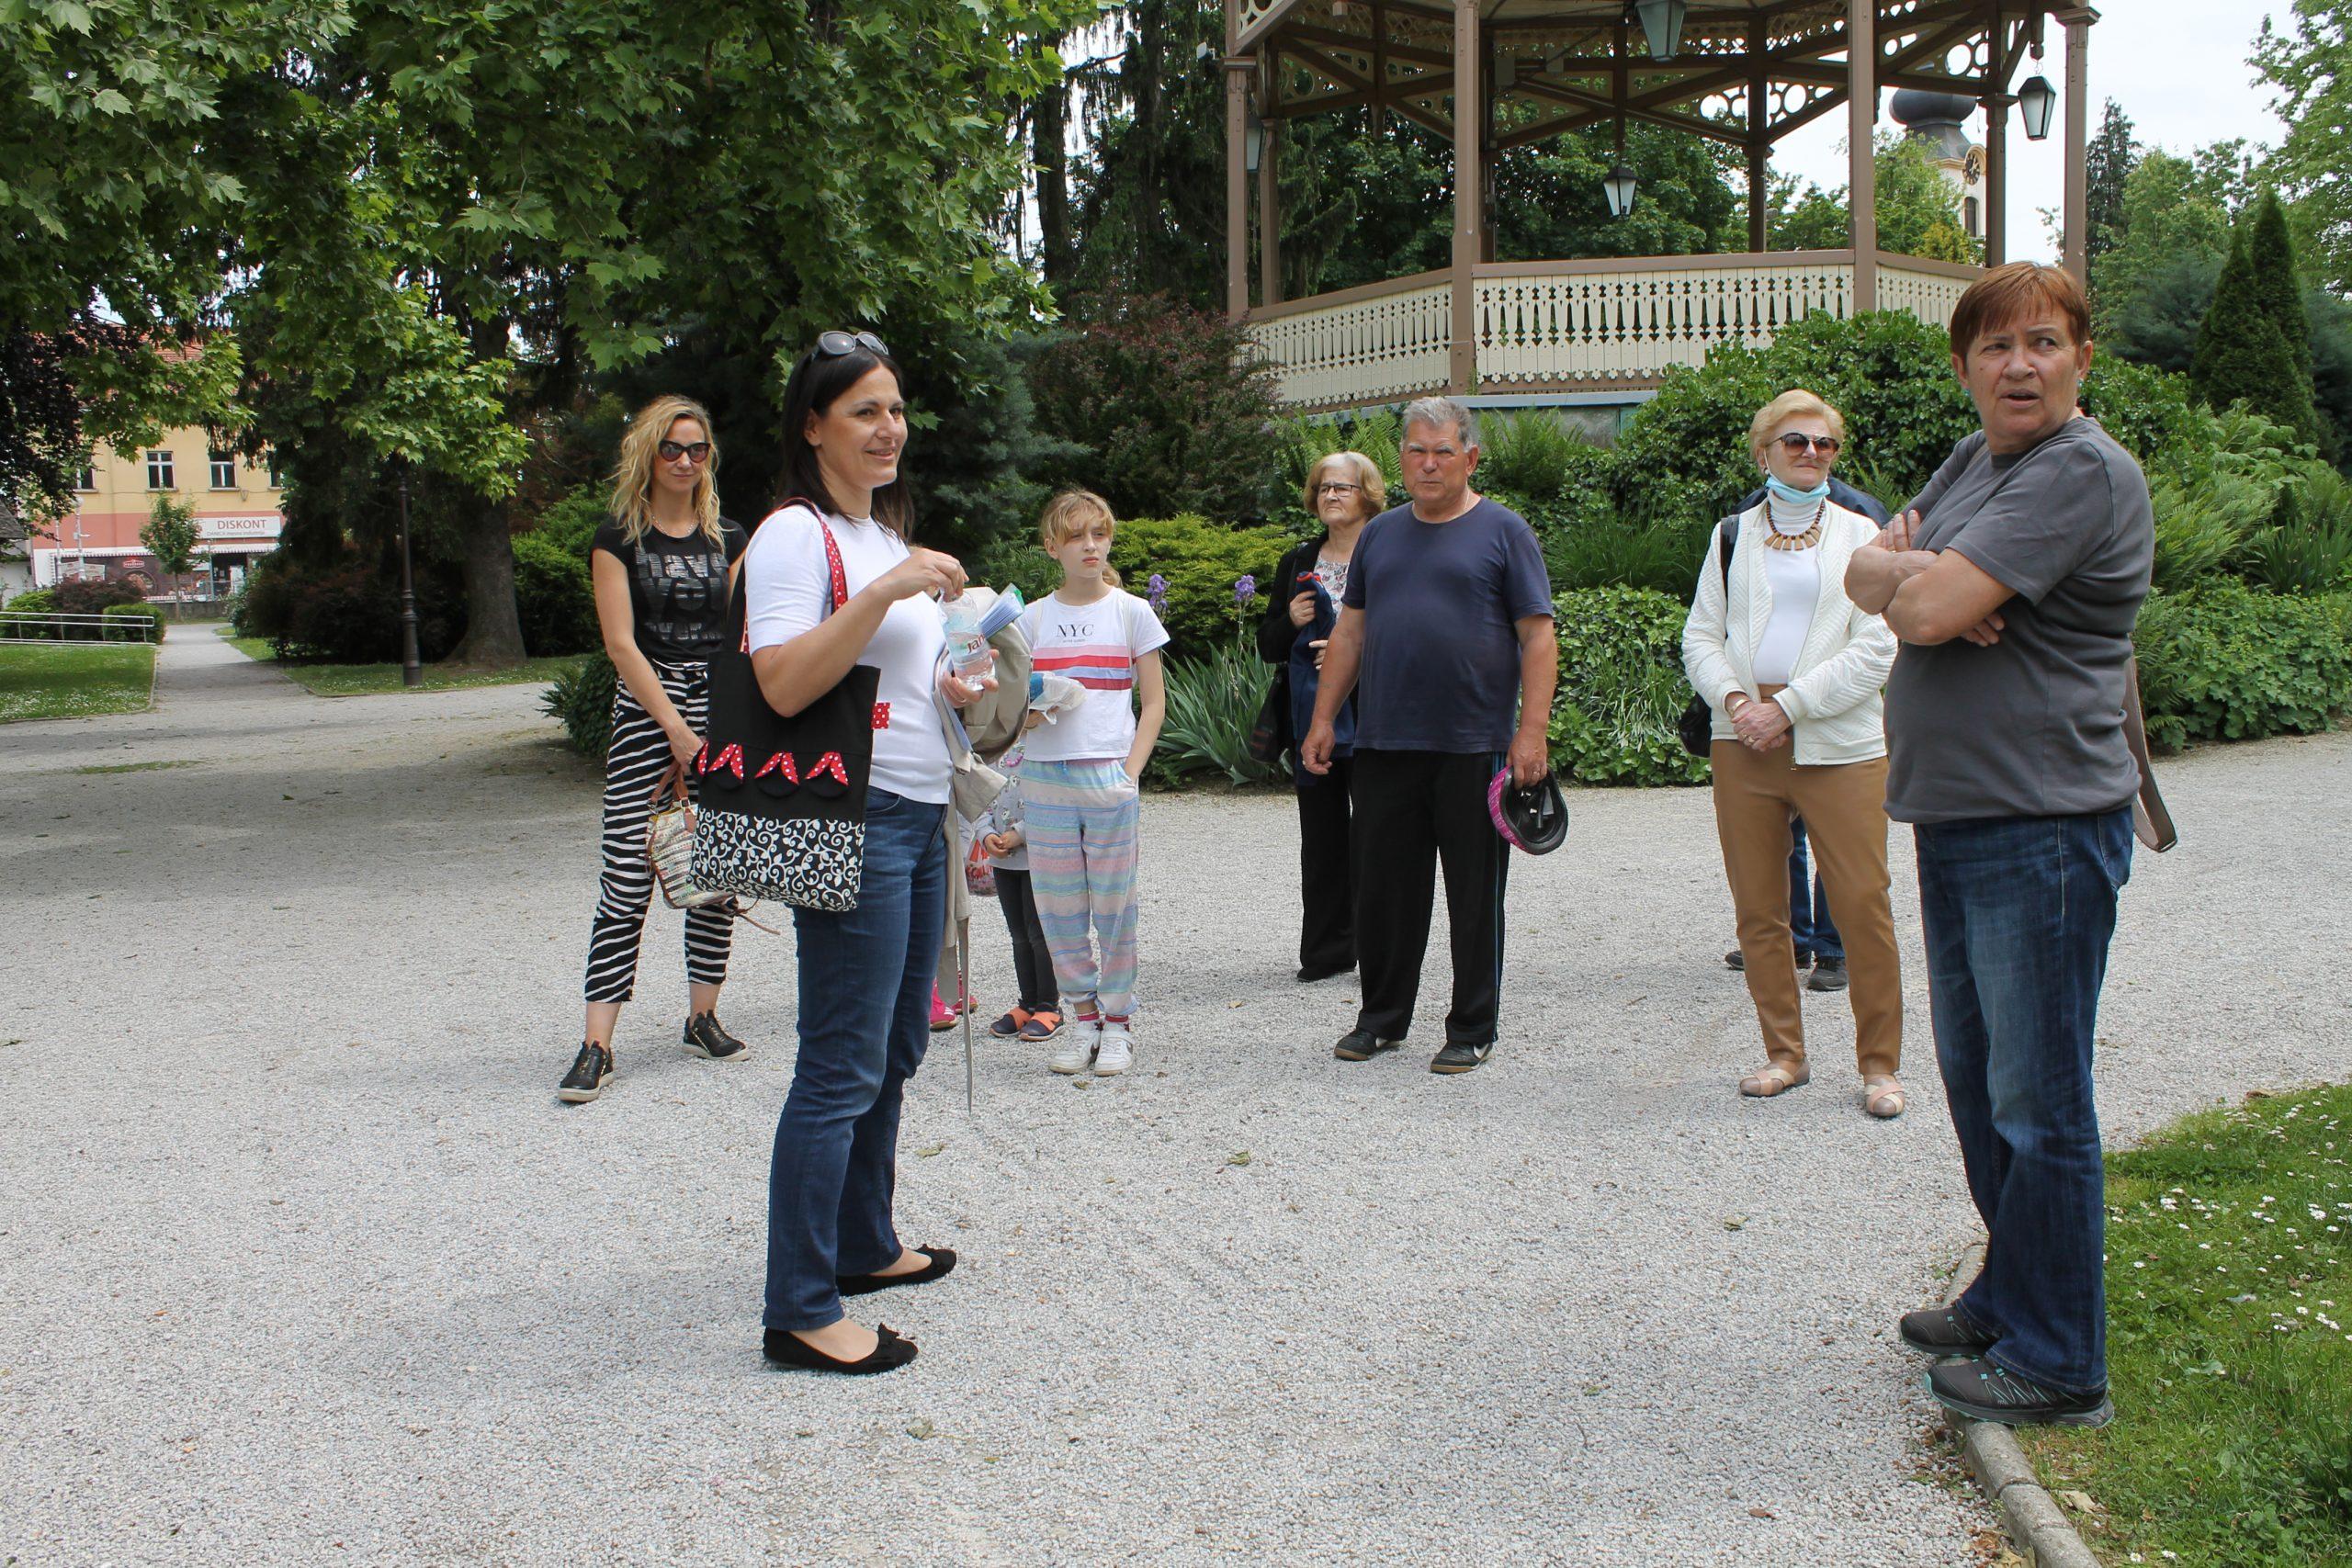 Građani upoznali park i zanimljive vrste koje tamo rastu